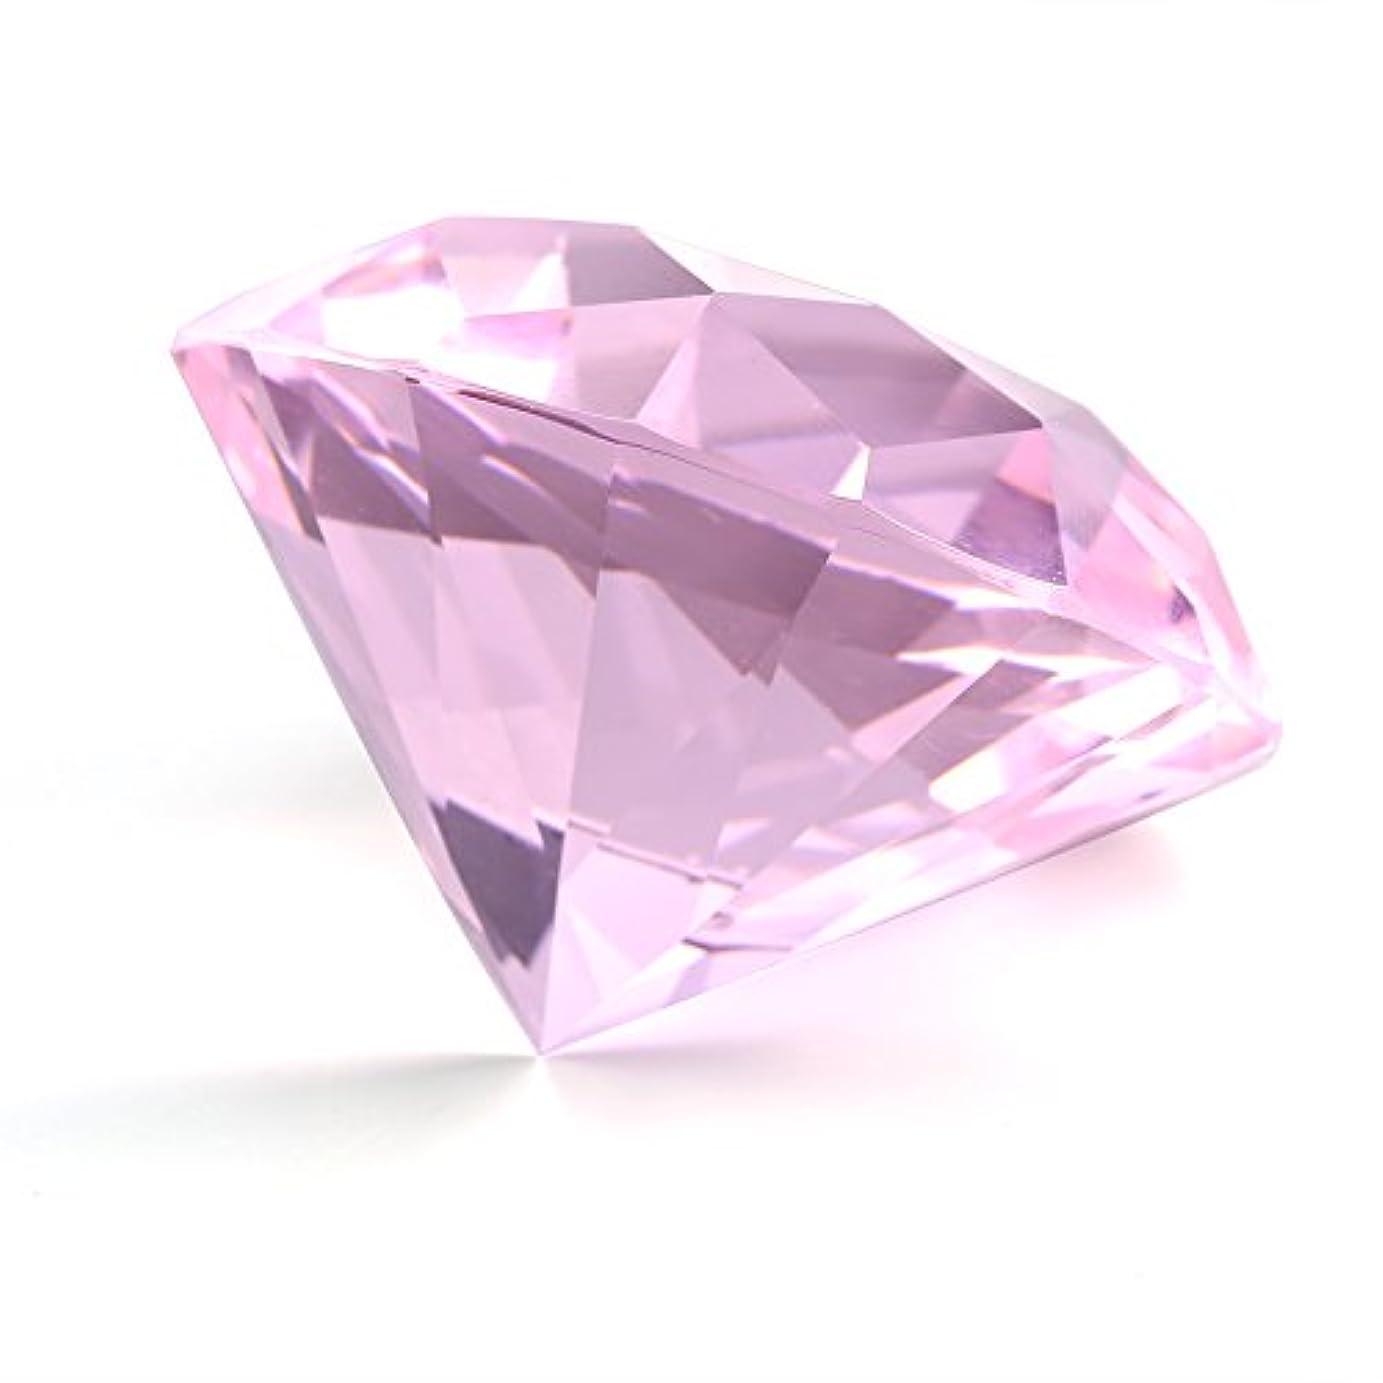 ぞっとするようなのり削る2色 ネイルアート ディスプレイガラス、クリスタルダイヤモンドハンドモデル撮影飾りマニキュアアクセサリー(1)